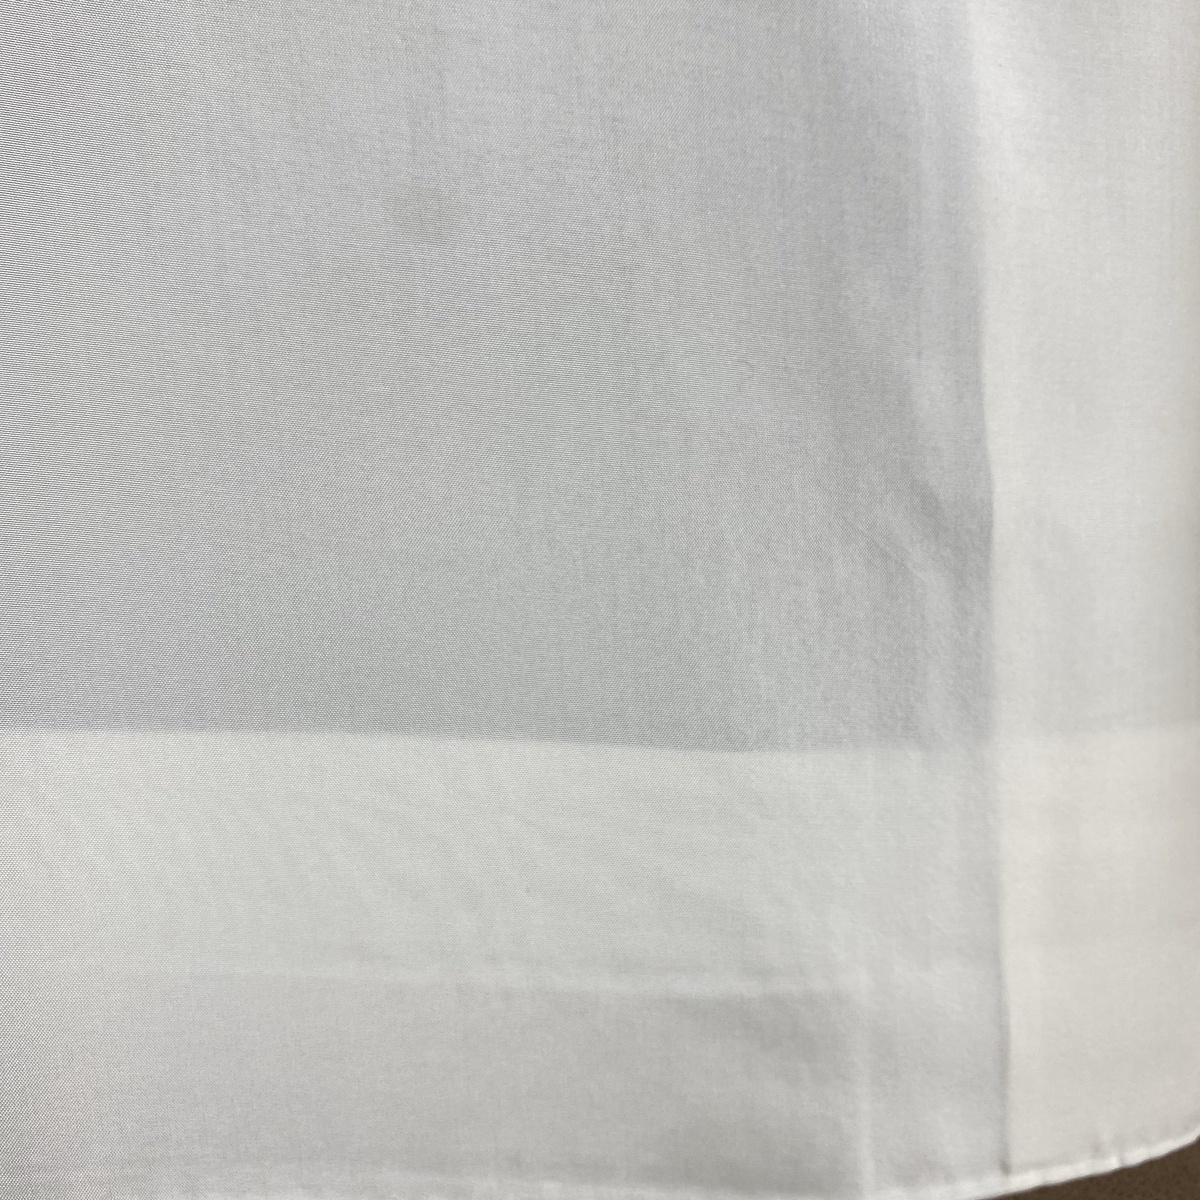 店内最大P45倍6 21 10 00 6 24 23 59迄訪問着 美品 名品 大久保玄才 落款あり 草花 金彩 ぼかし 青灰色 袷 身丈160 5cm 裄丈65cm M 正絹pb20kibygvfY76